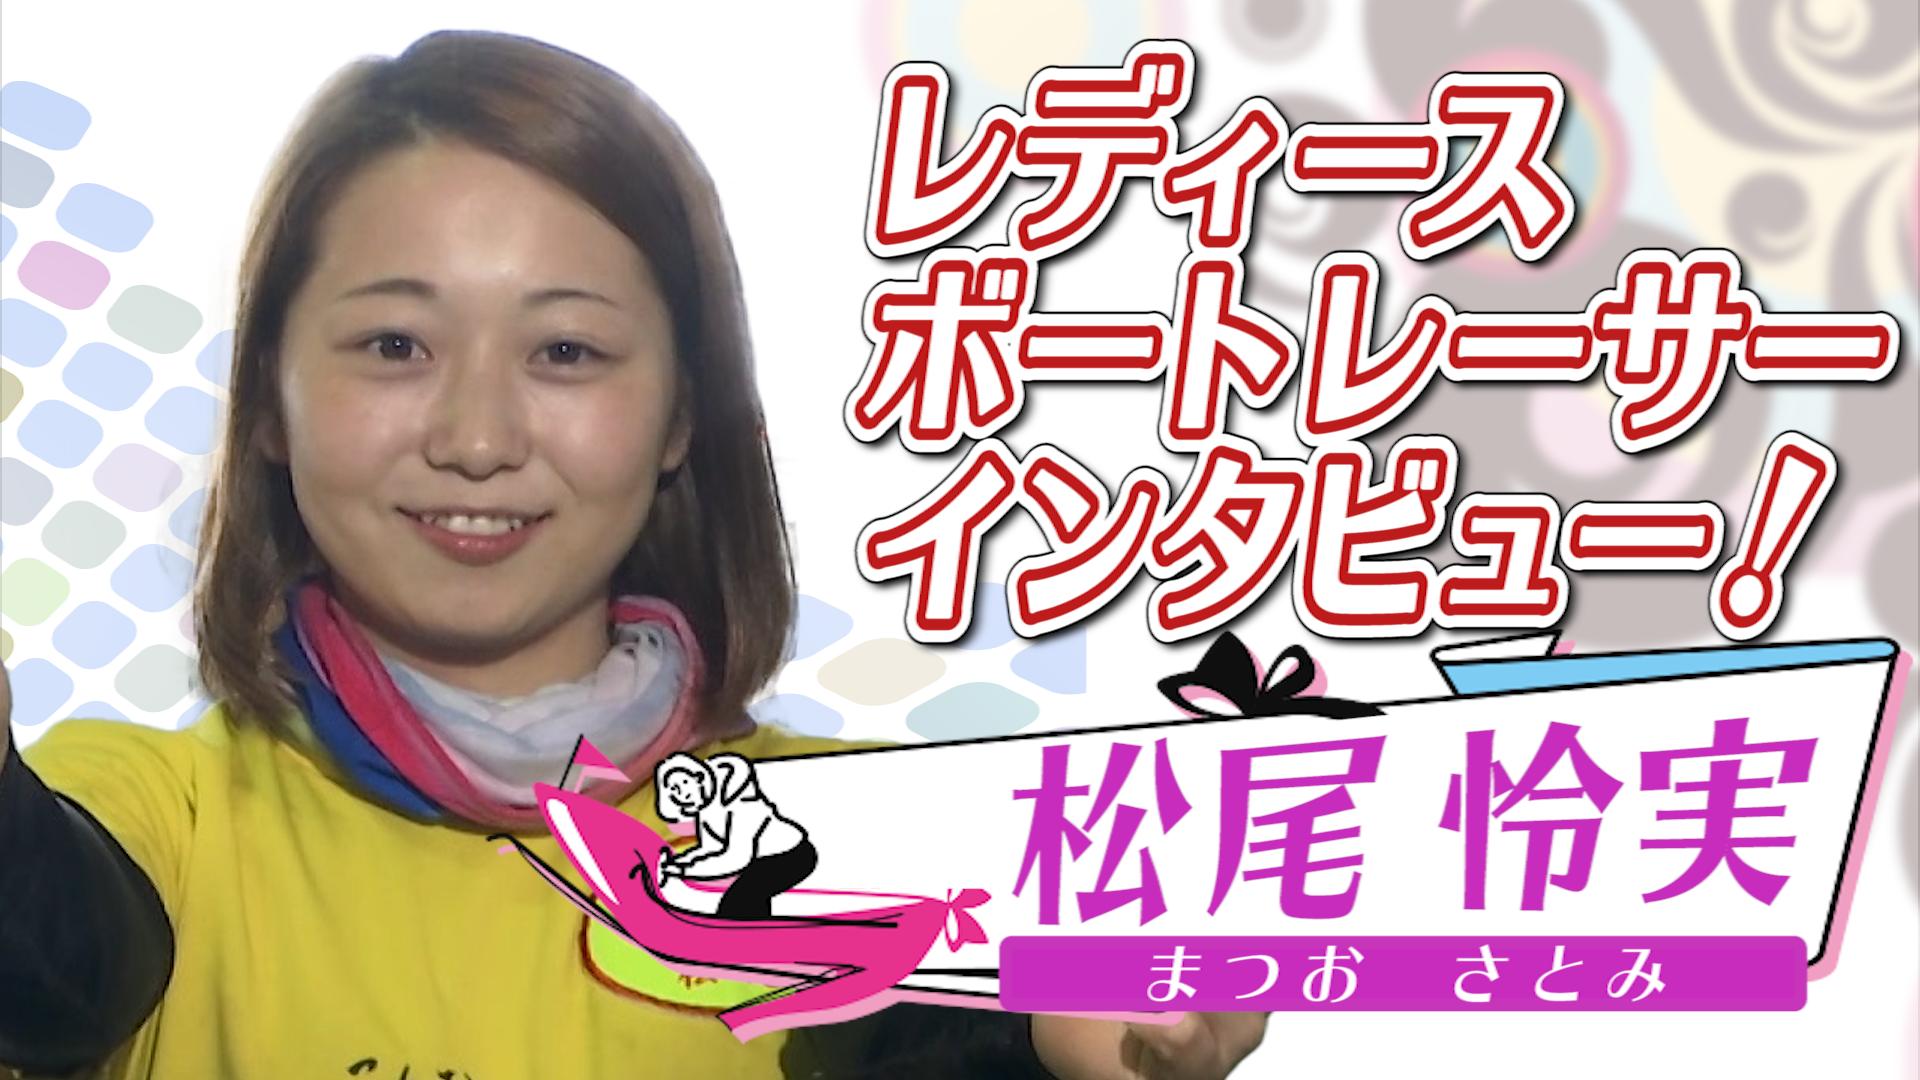 デビューして間もない松尾怜実選手!先輩レーサーからたくさん学んで、初1着を目指す!!|ボートレース